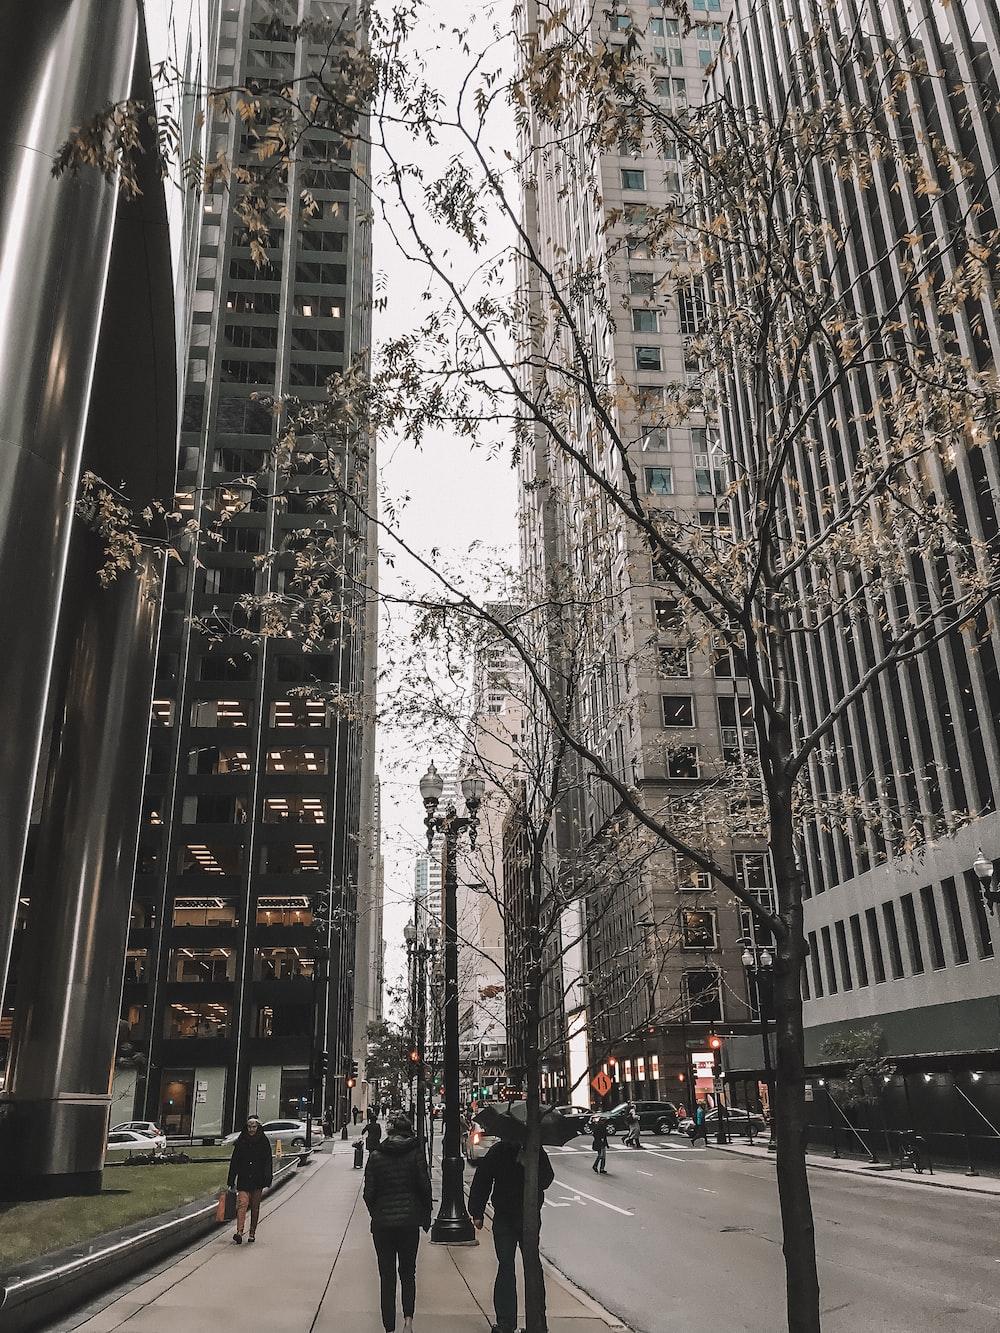 people walking beside street in city